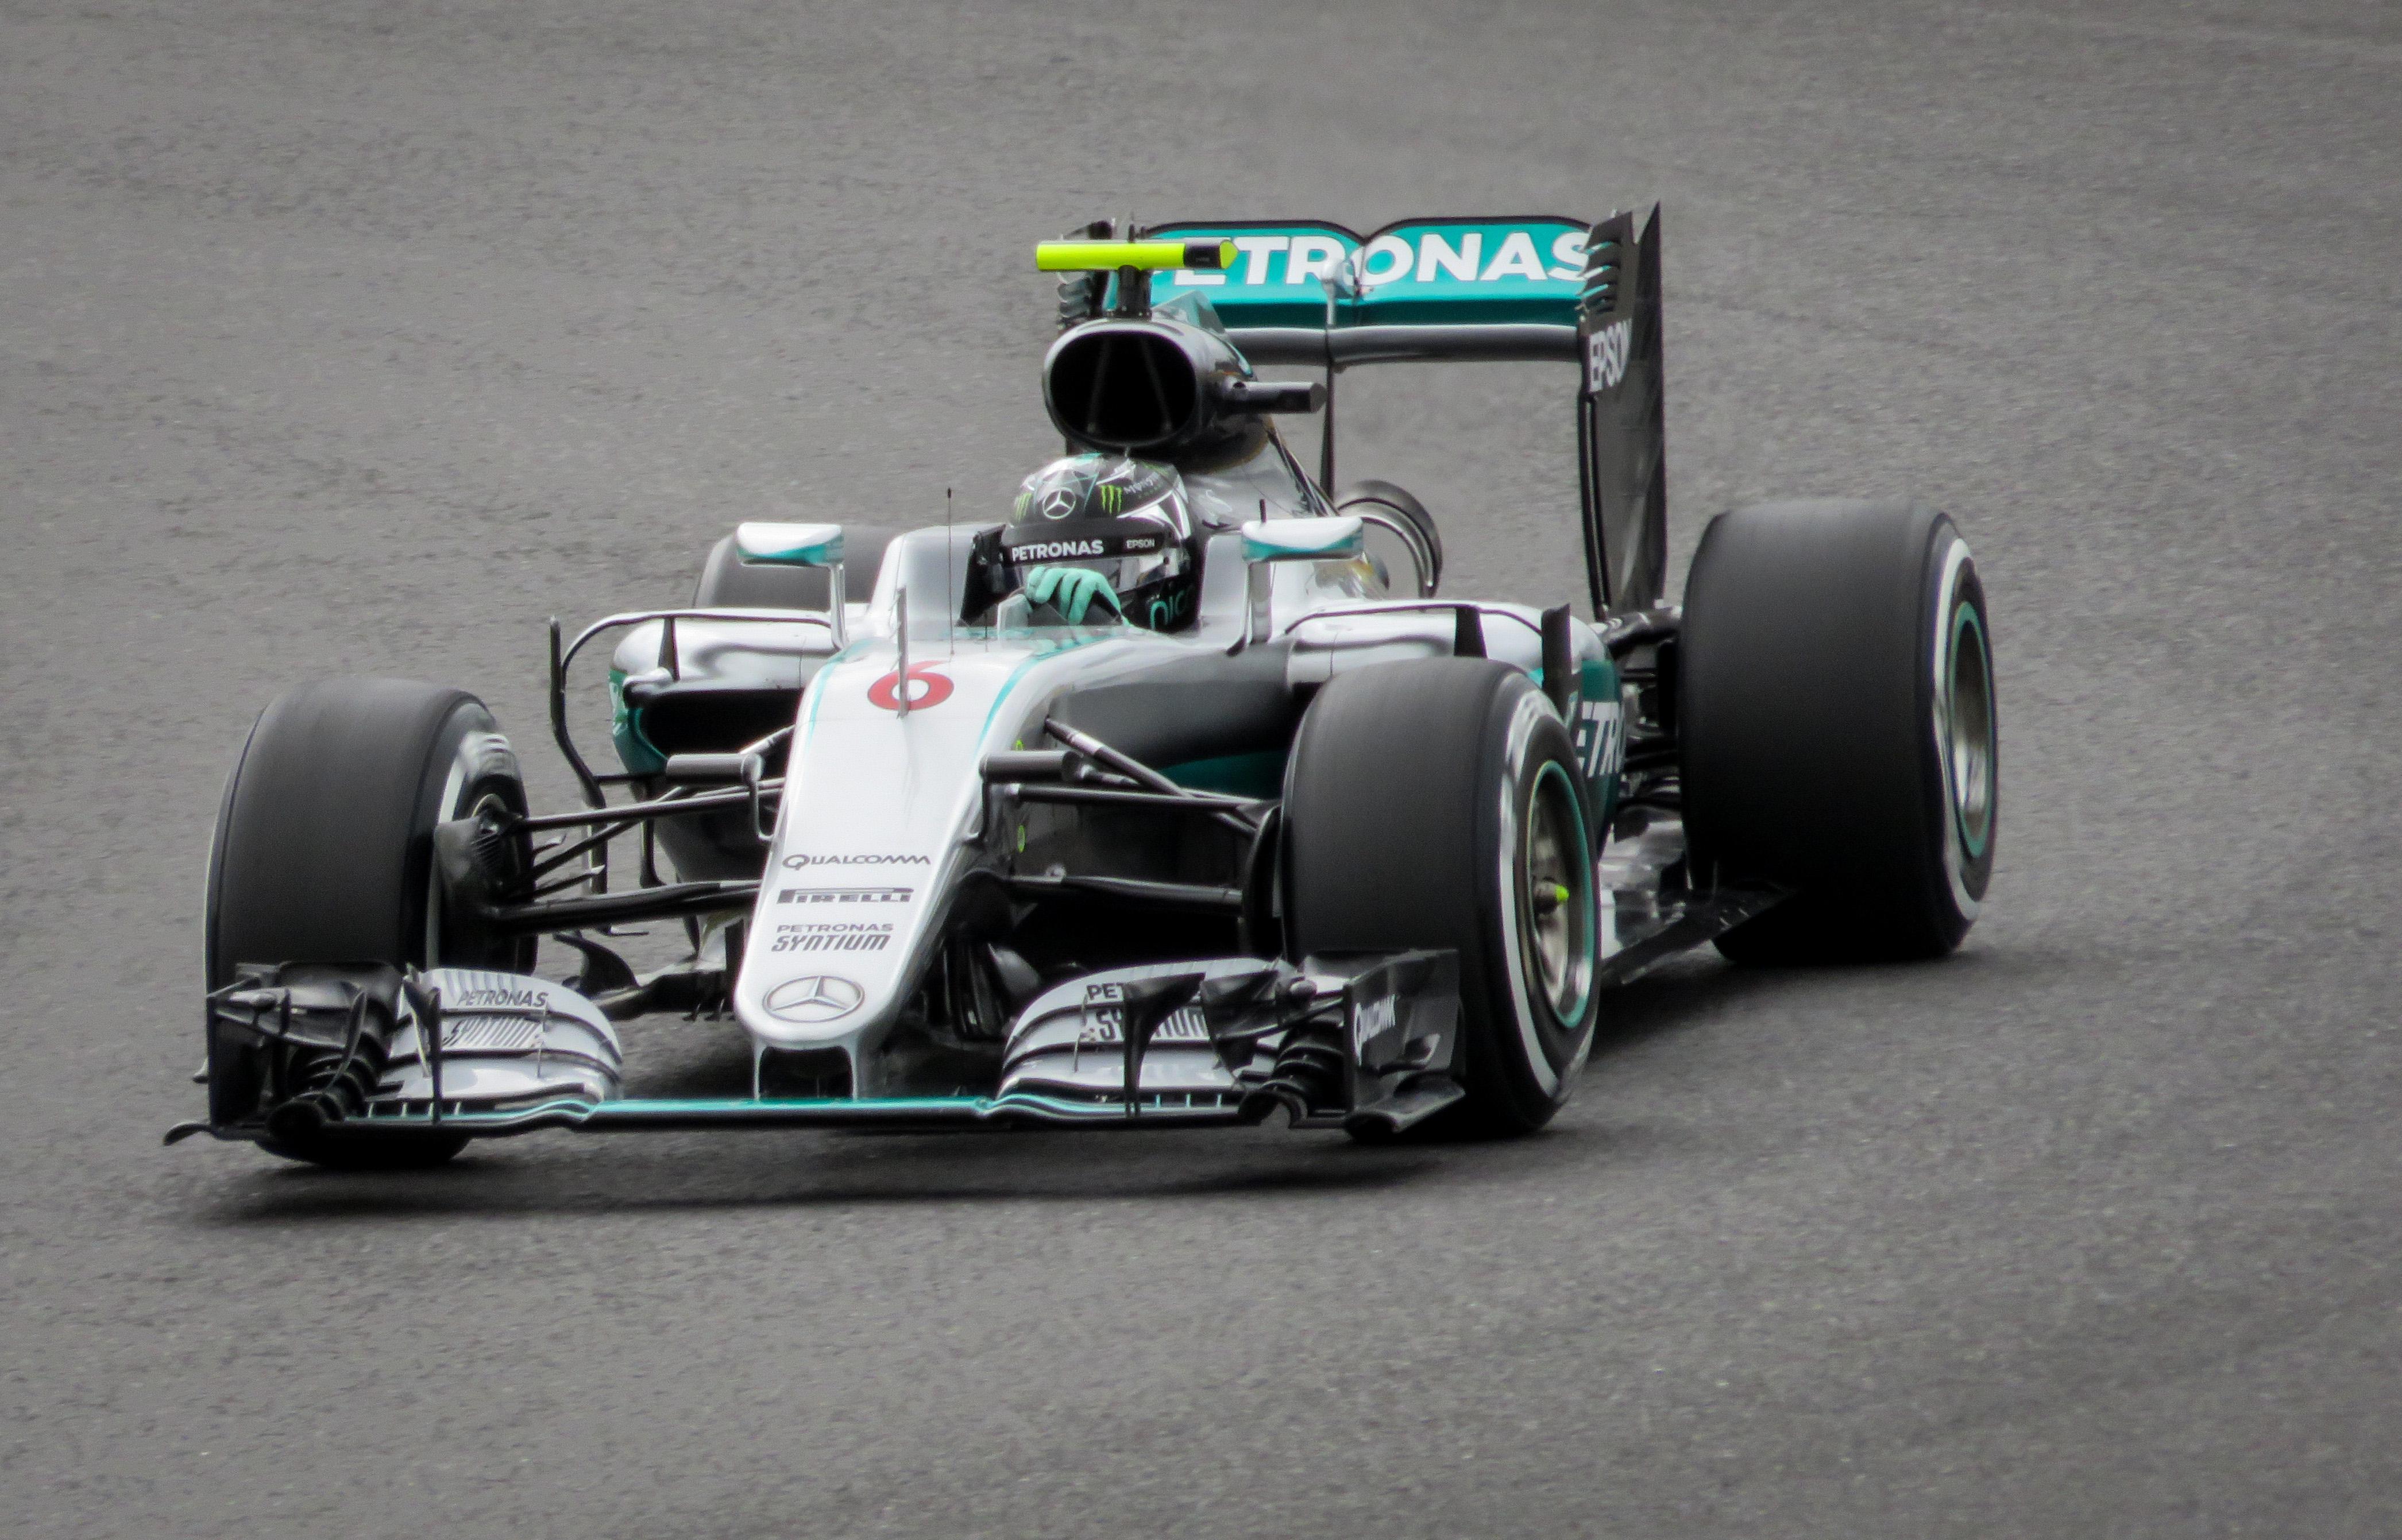 File:F1 - Mercedes AMG - Nico Rosberg (28549724736).jpg - Wikimedia Commons